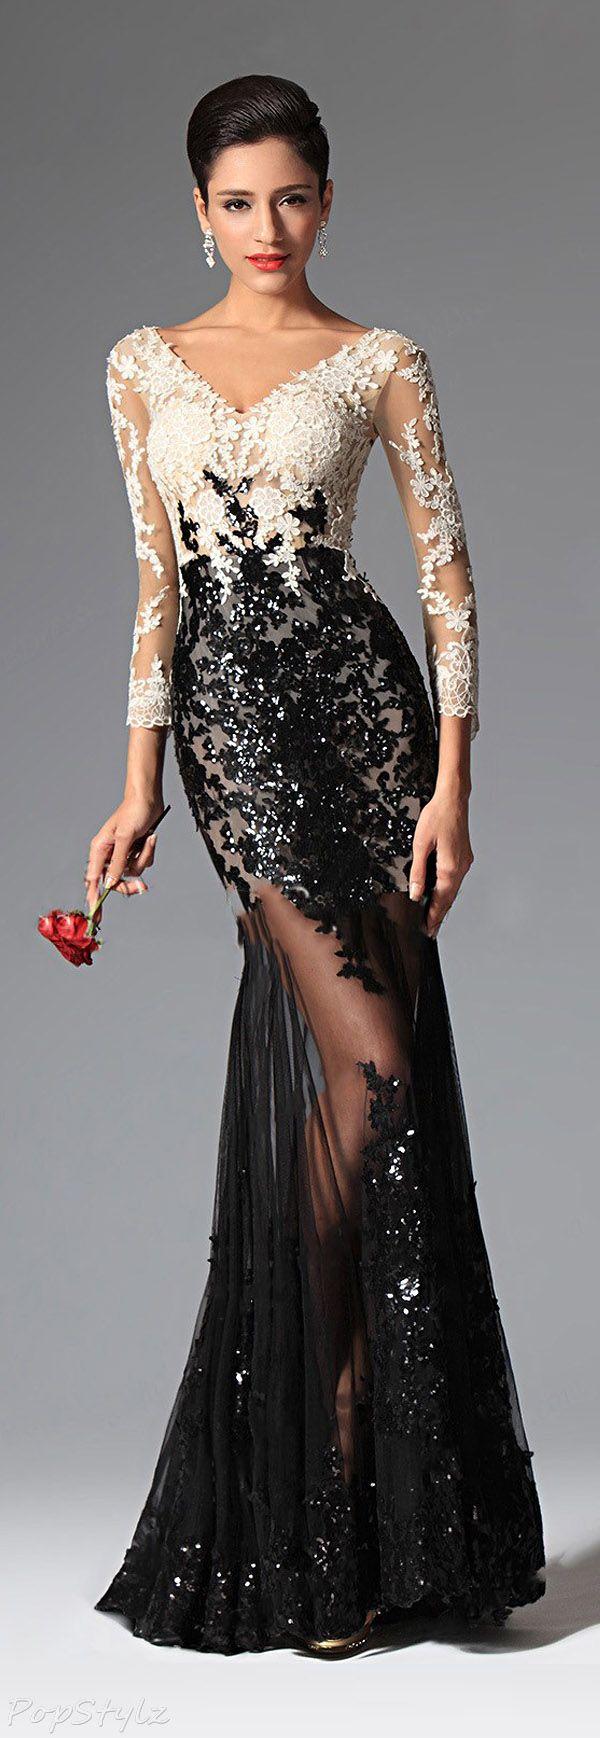 Кружевное выпускное платье фото